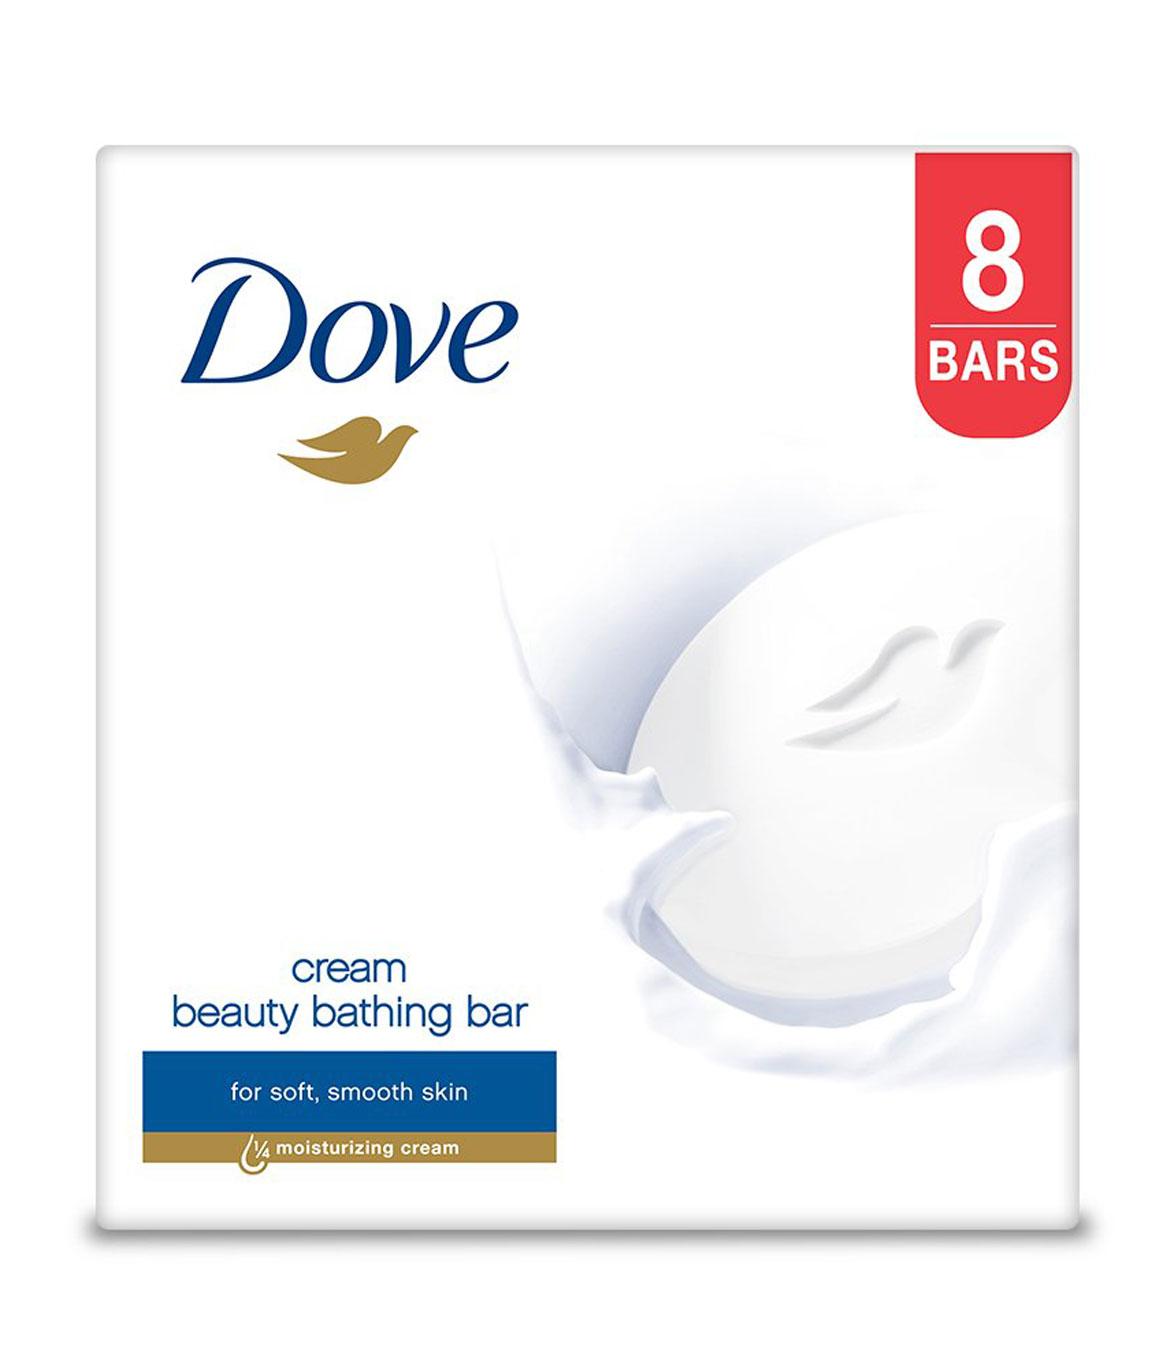 Dove Cream Beauty Bathing Bar 100g (Pack of 8)